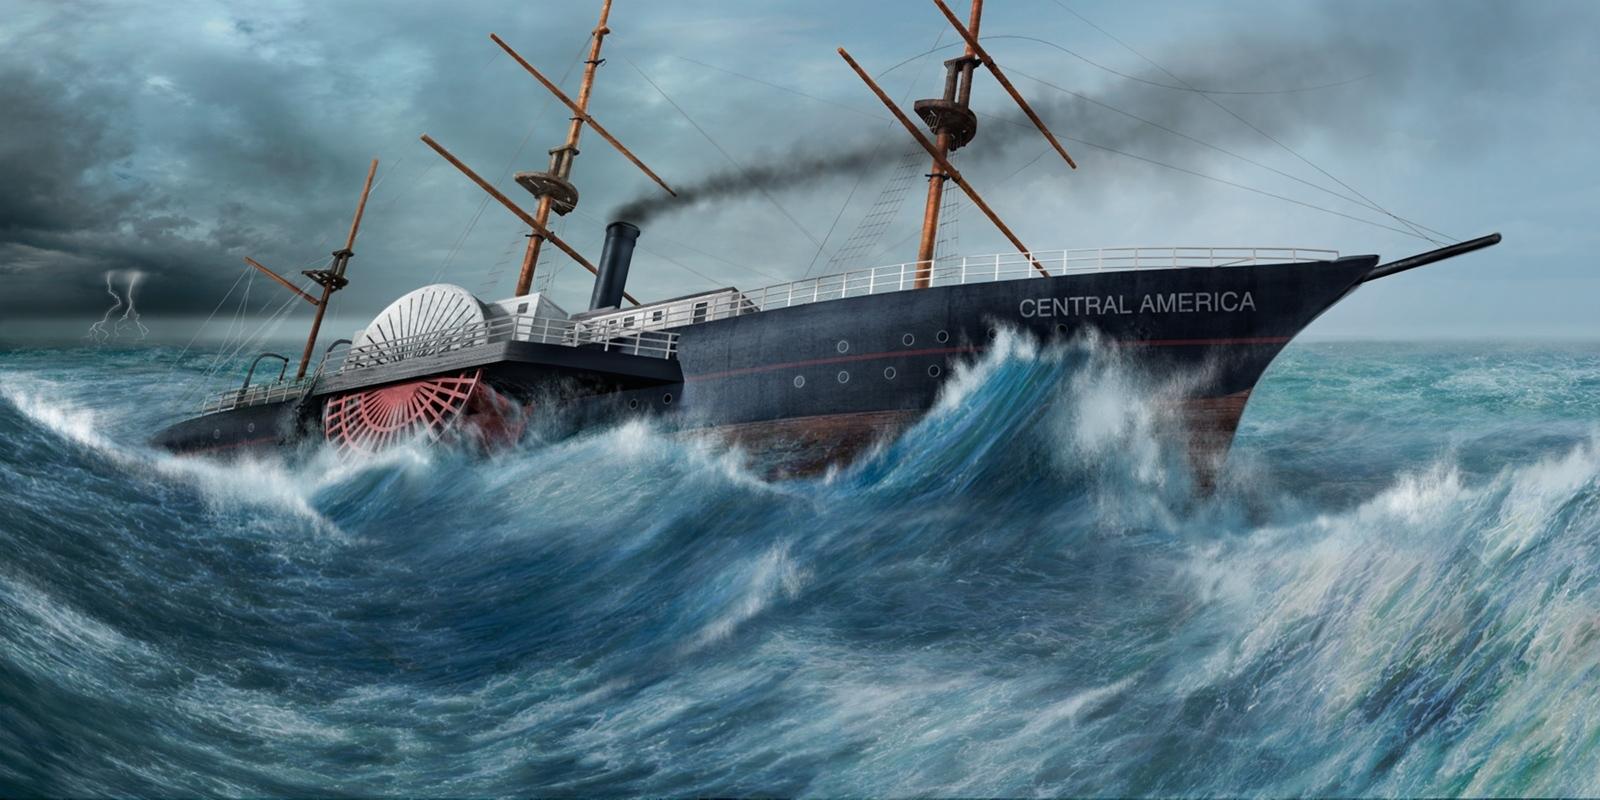 Peinture reconstituant le SS Central America au coeur de la tempête